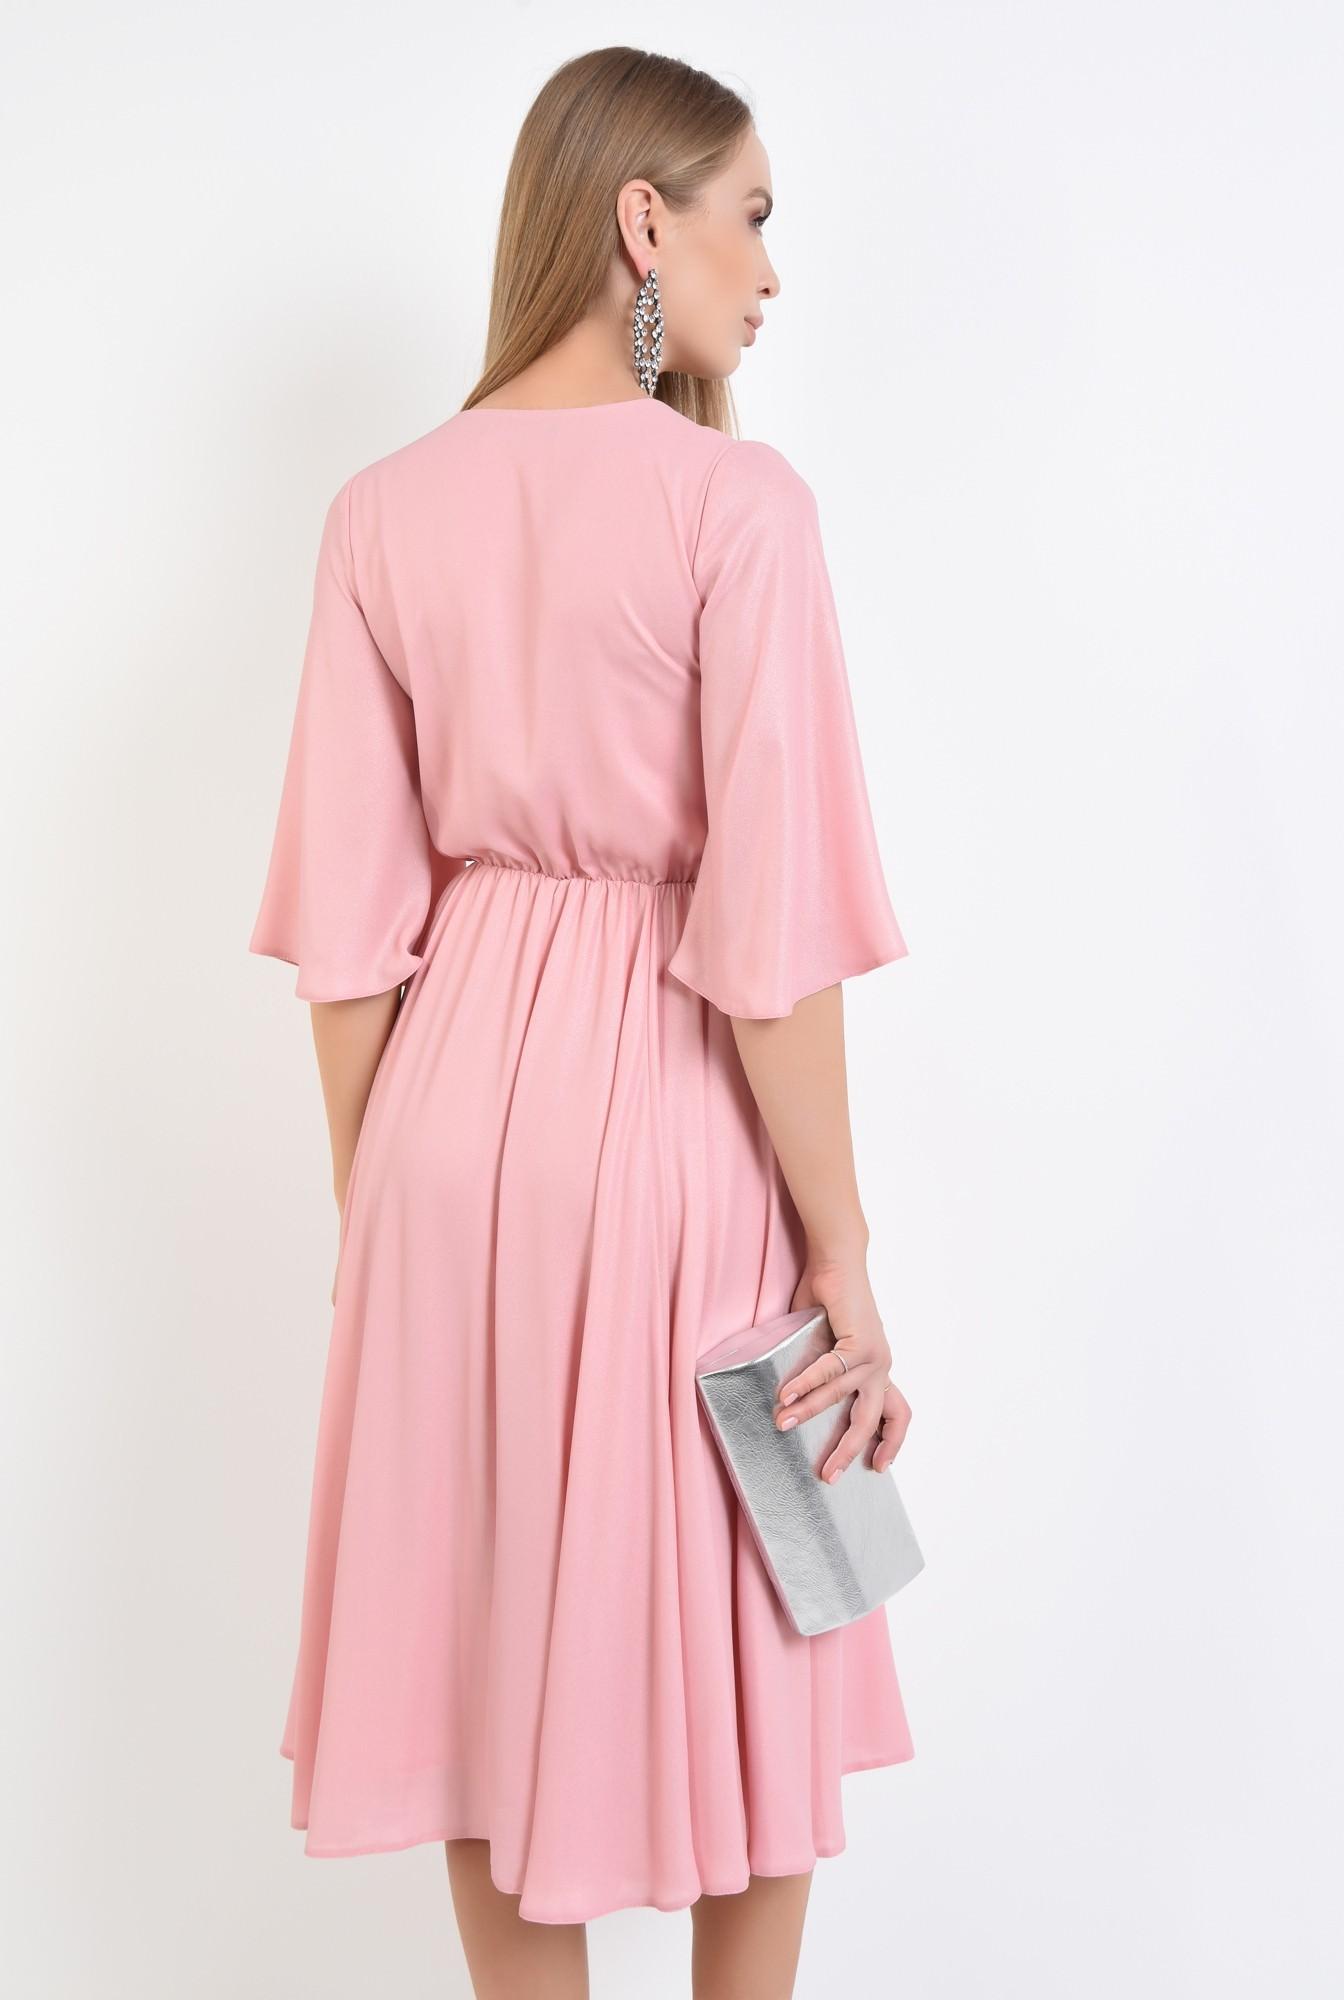 1 - rochie eleganta cloche, roz, lurex, midi